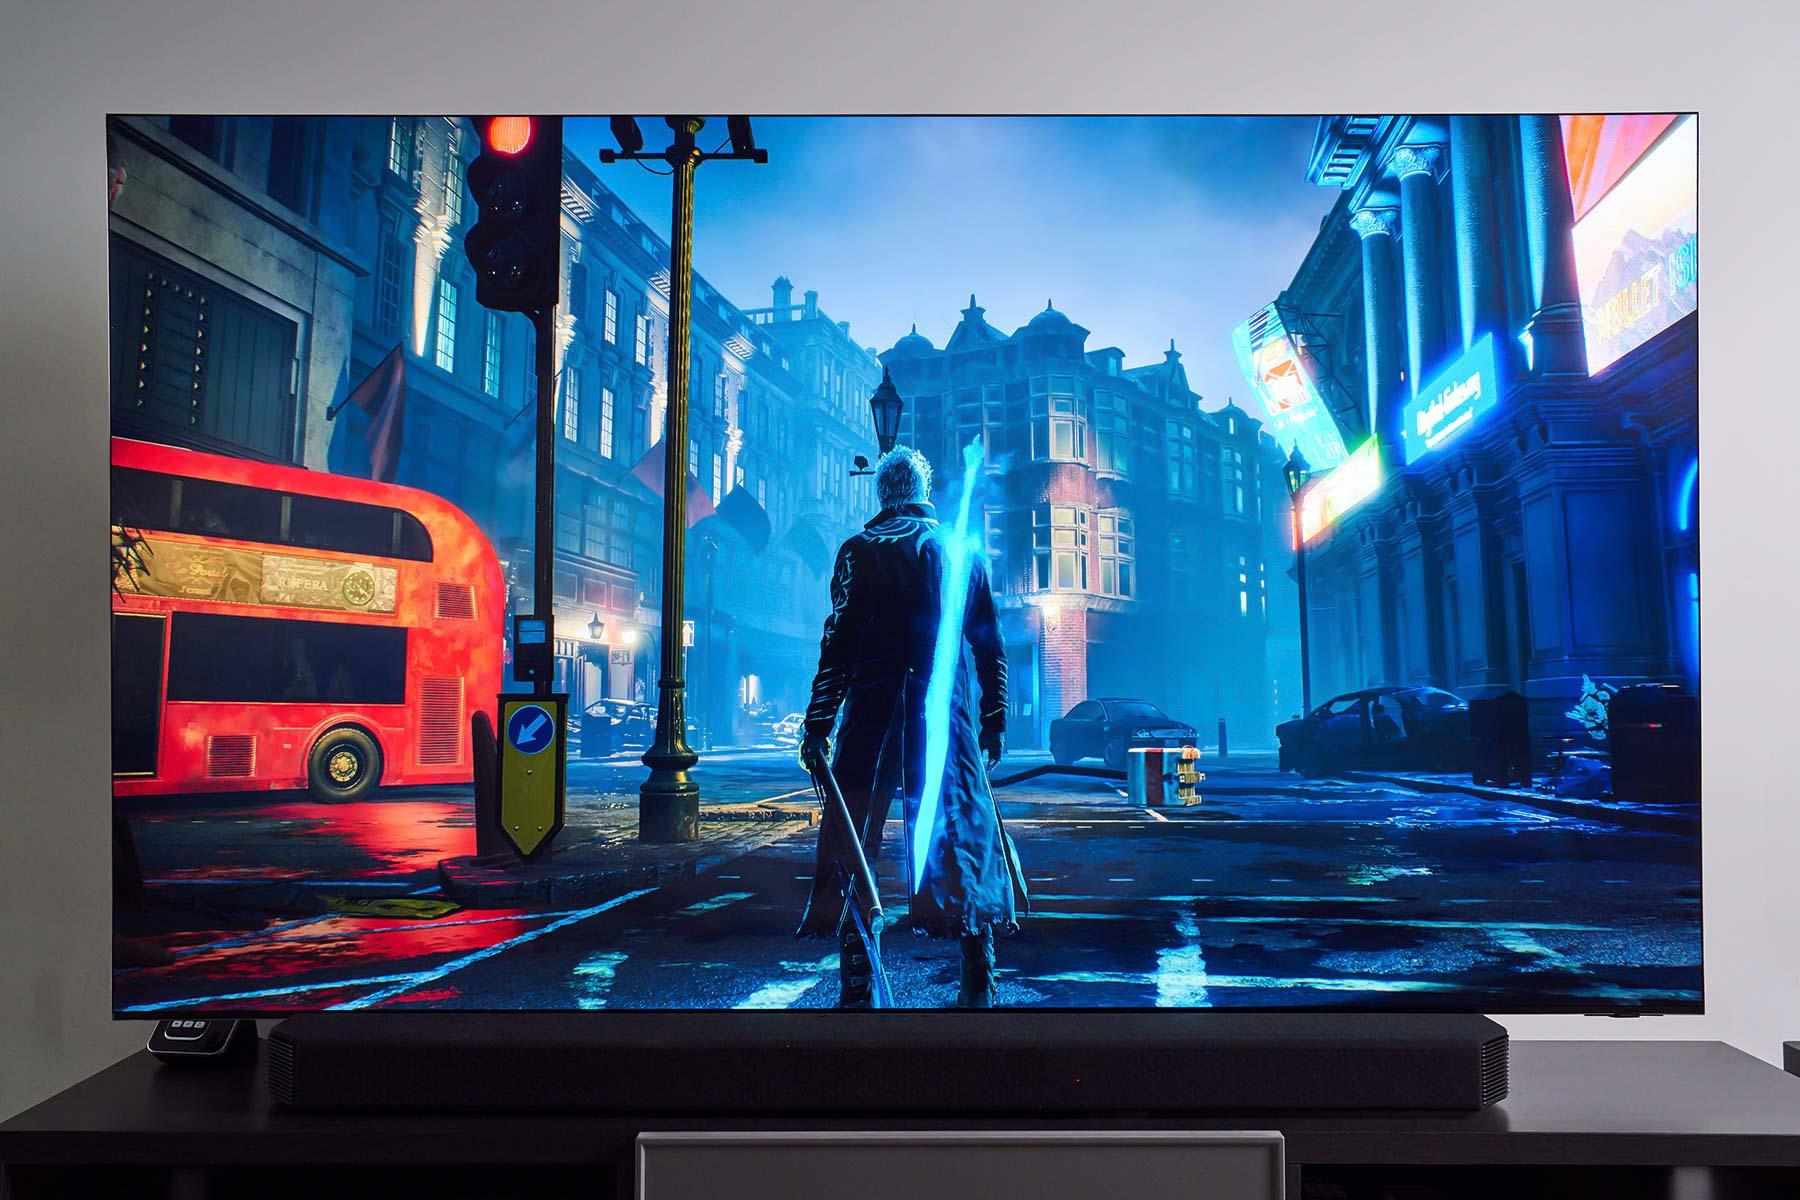 遊戲中精細的 3D 動畫多半具備顏色飽和度高、線條銳利的特色,經由 Neo QLED 8K 量子電視來呈現,可以看到畫面的對比度雖高,但仍舊保有豐富的明暗細節,進而讓遊戲場景中人、物的遠近定位感大幅提升,為玩家帶來絕佳的沉浸感與逼真度。